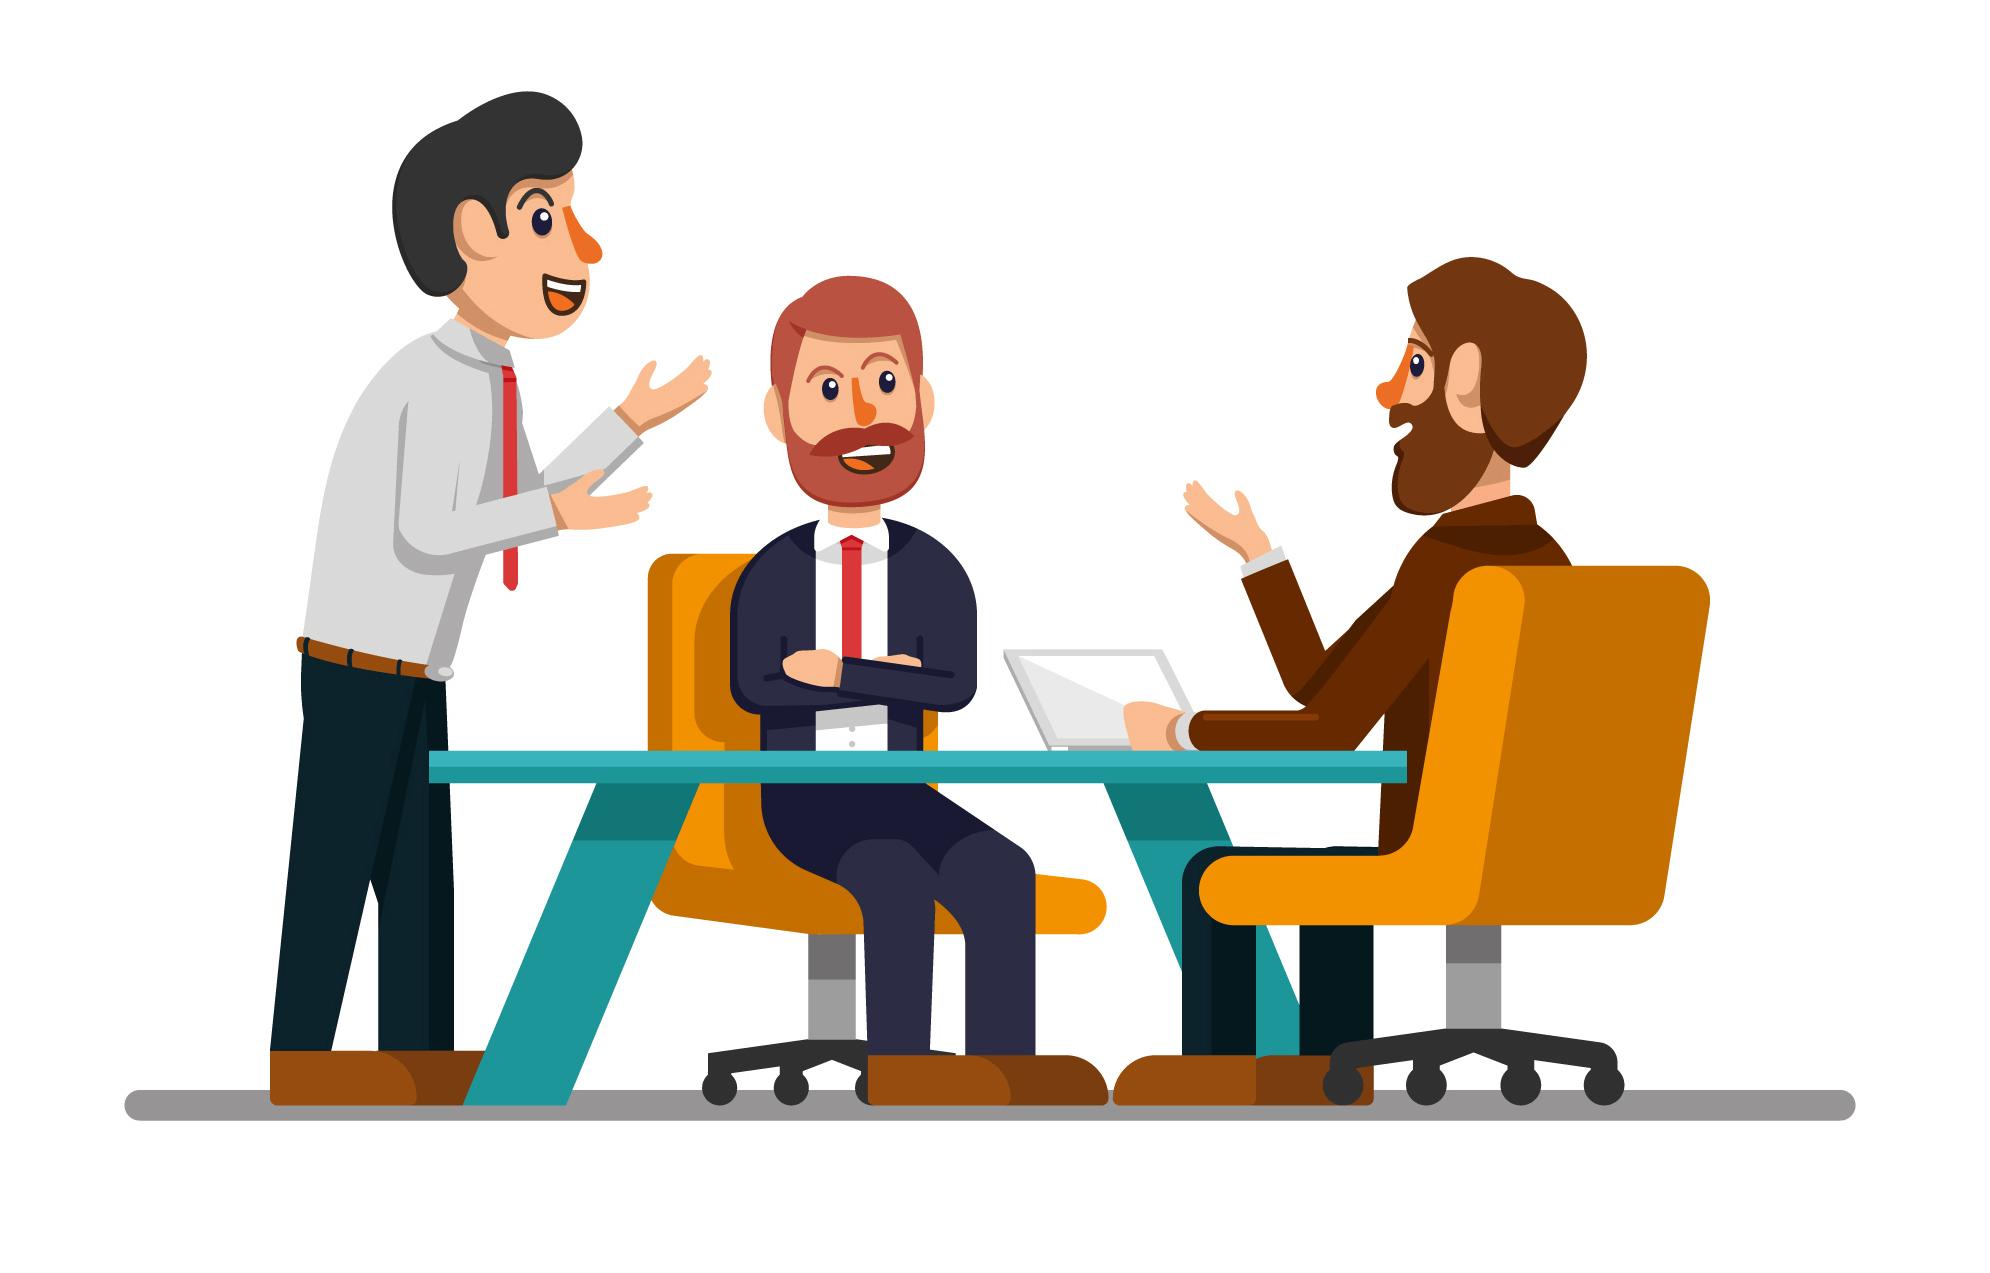 Các câu hỏi thường gặp khi phỏng vấn và cách trả lời giúp bạn ghi điểm tuyệt đối